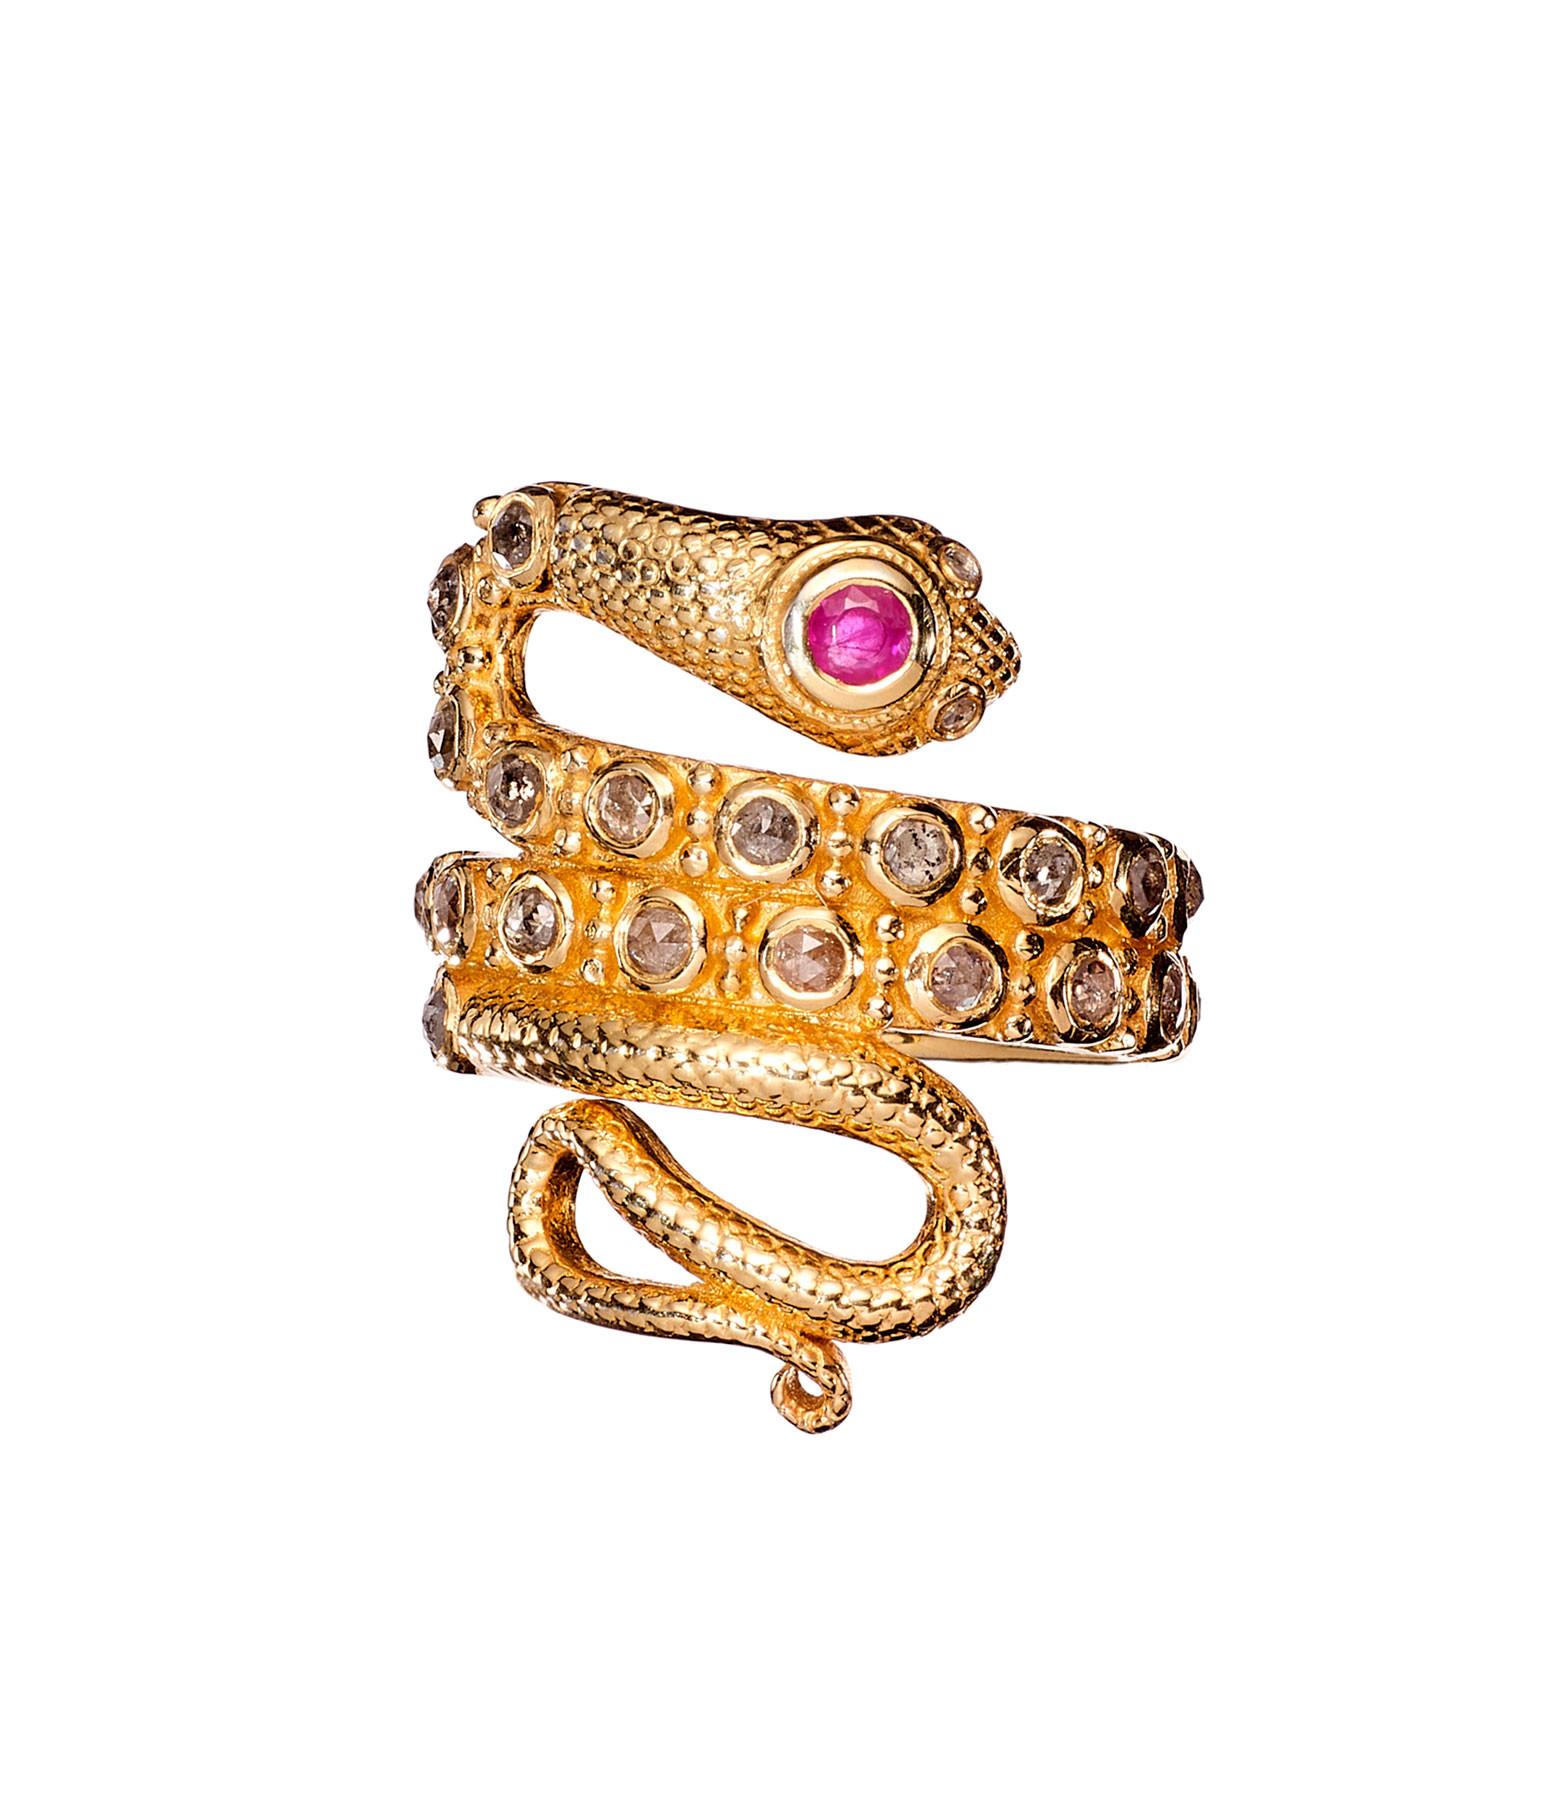 TITYARAVY - Bague Serpent Diamants Rubis Plaqué Or